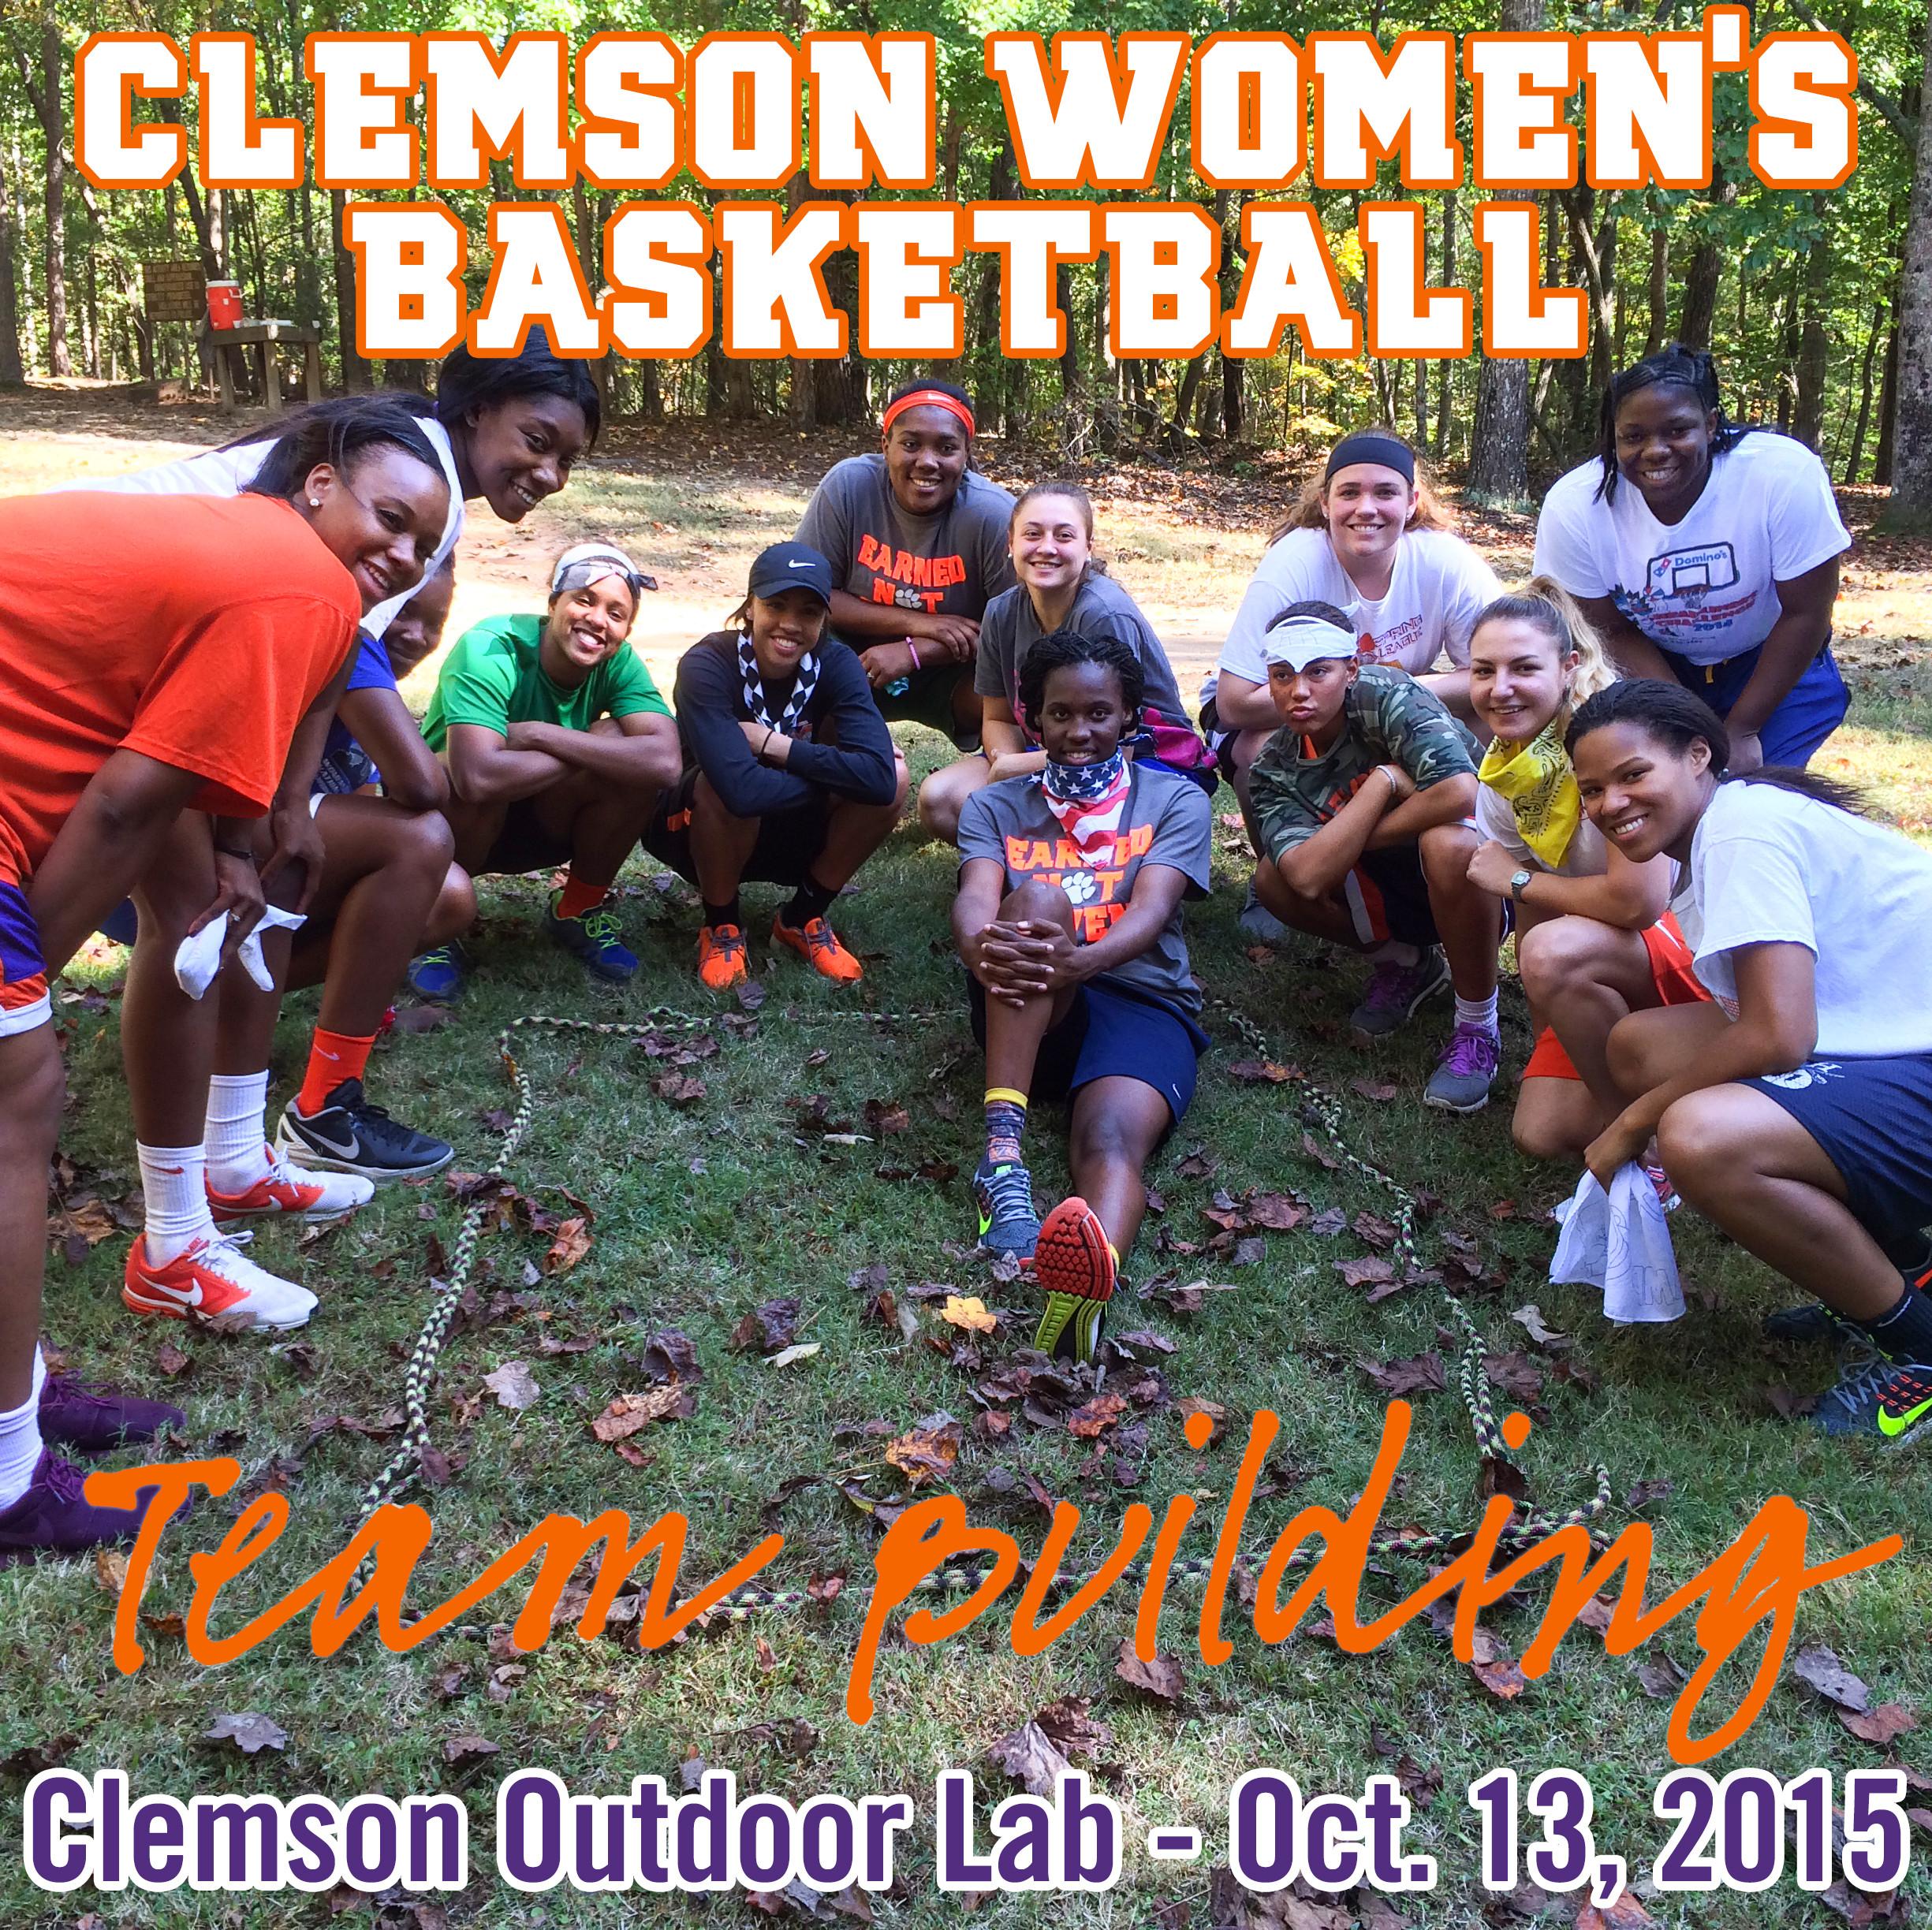 Women's Basketball || Team Building